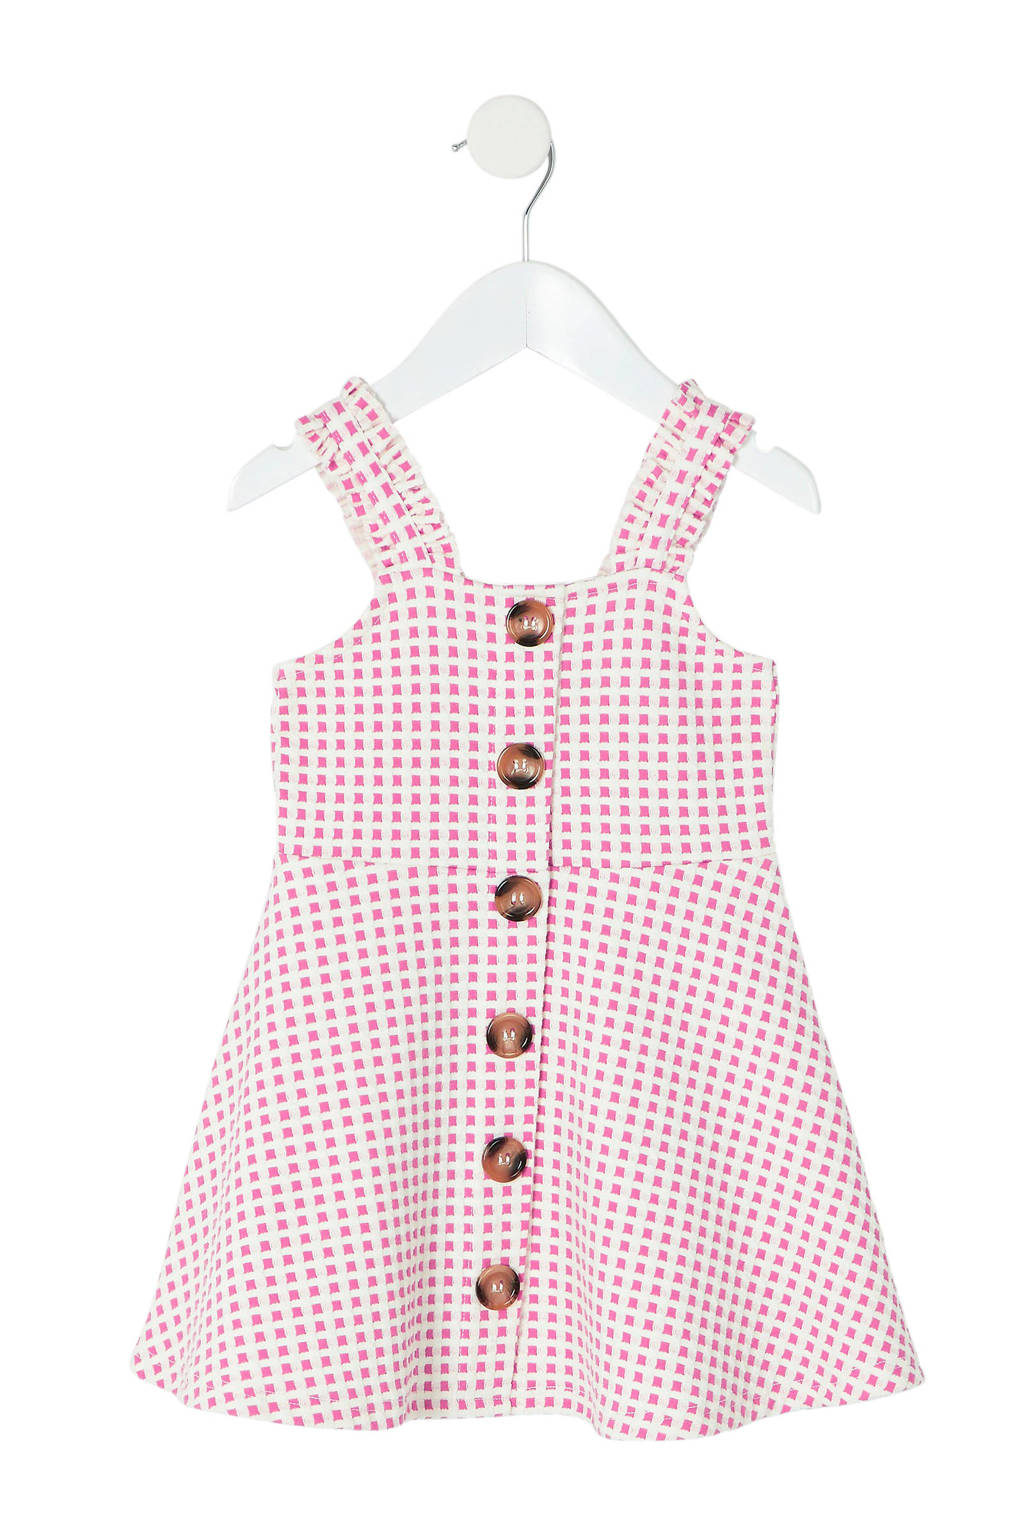 River Island geblokte jurk roze, Roze/wit